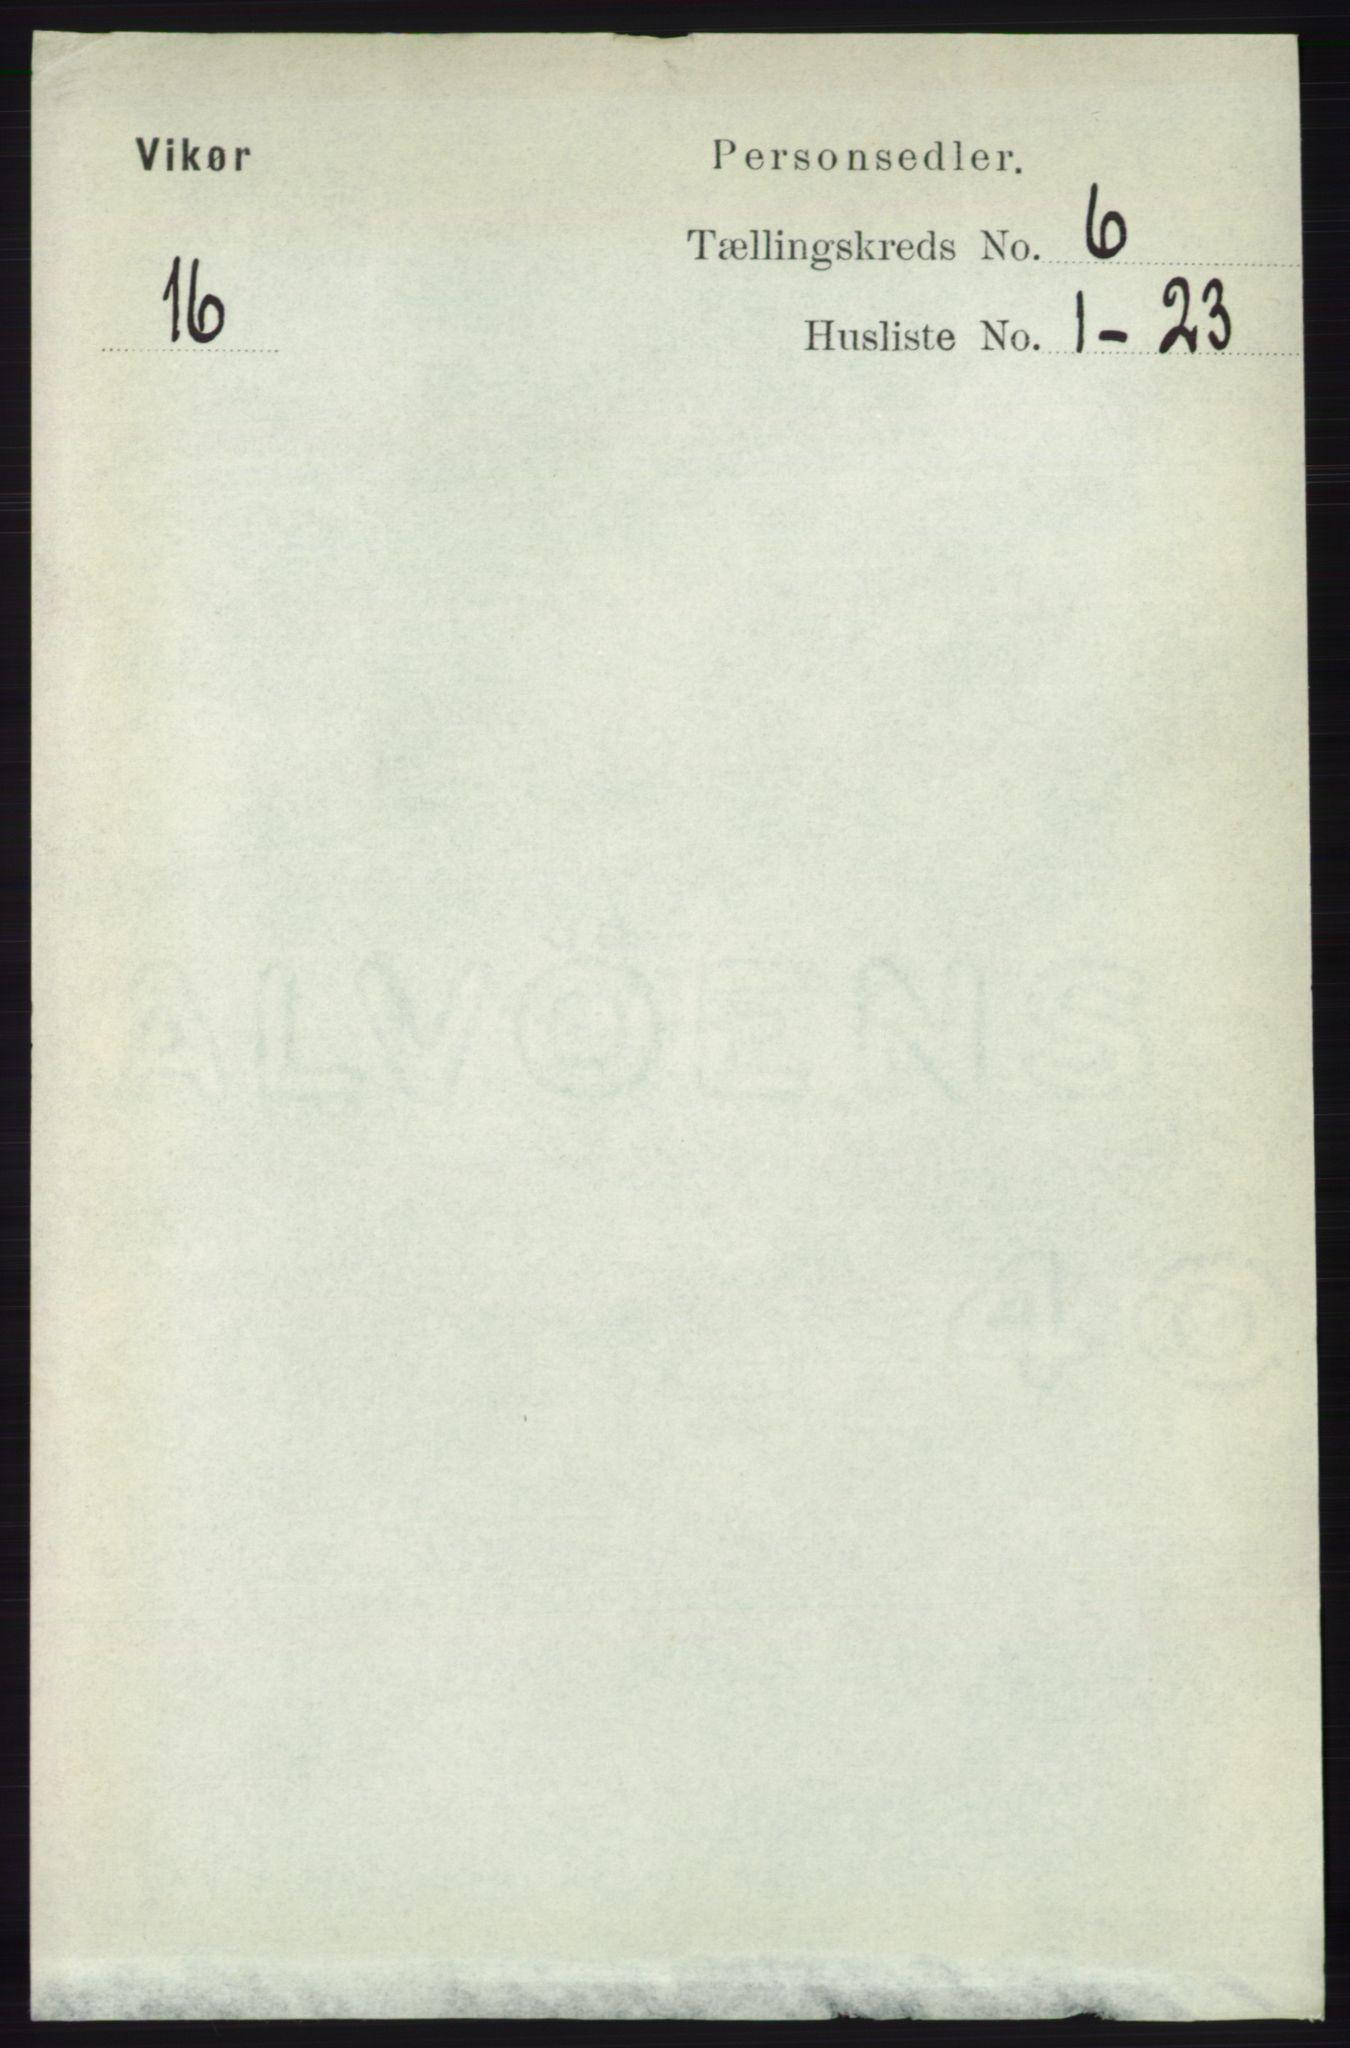 RA, Folketelling 1891 for 1238 Vikør herred, 1891, s. 1811